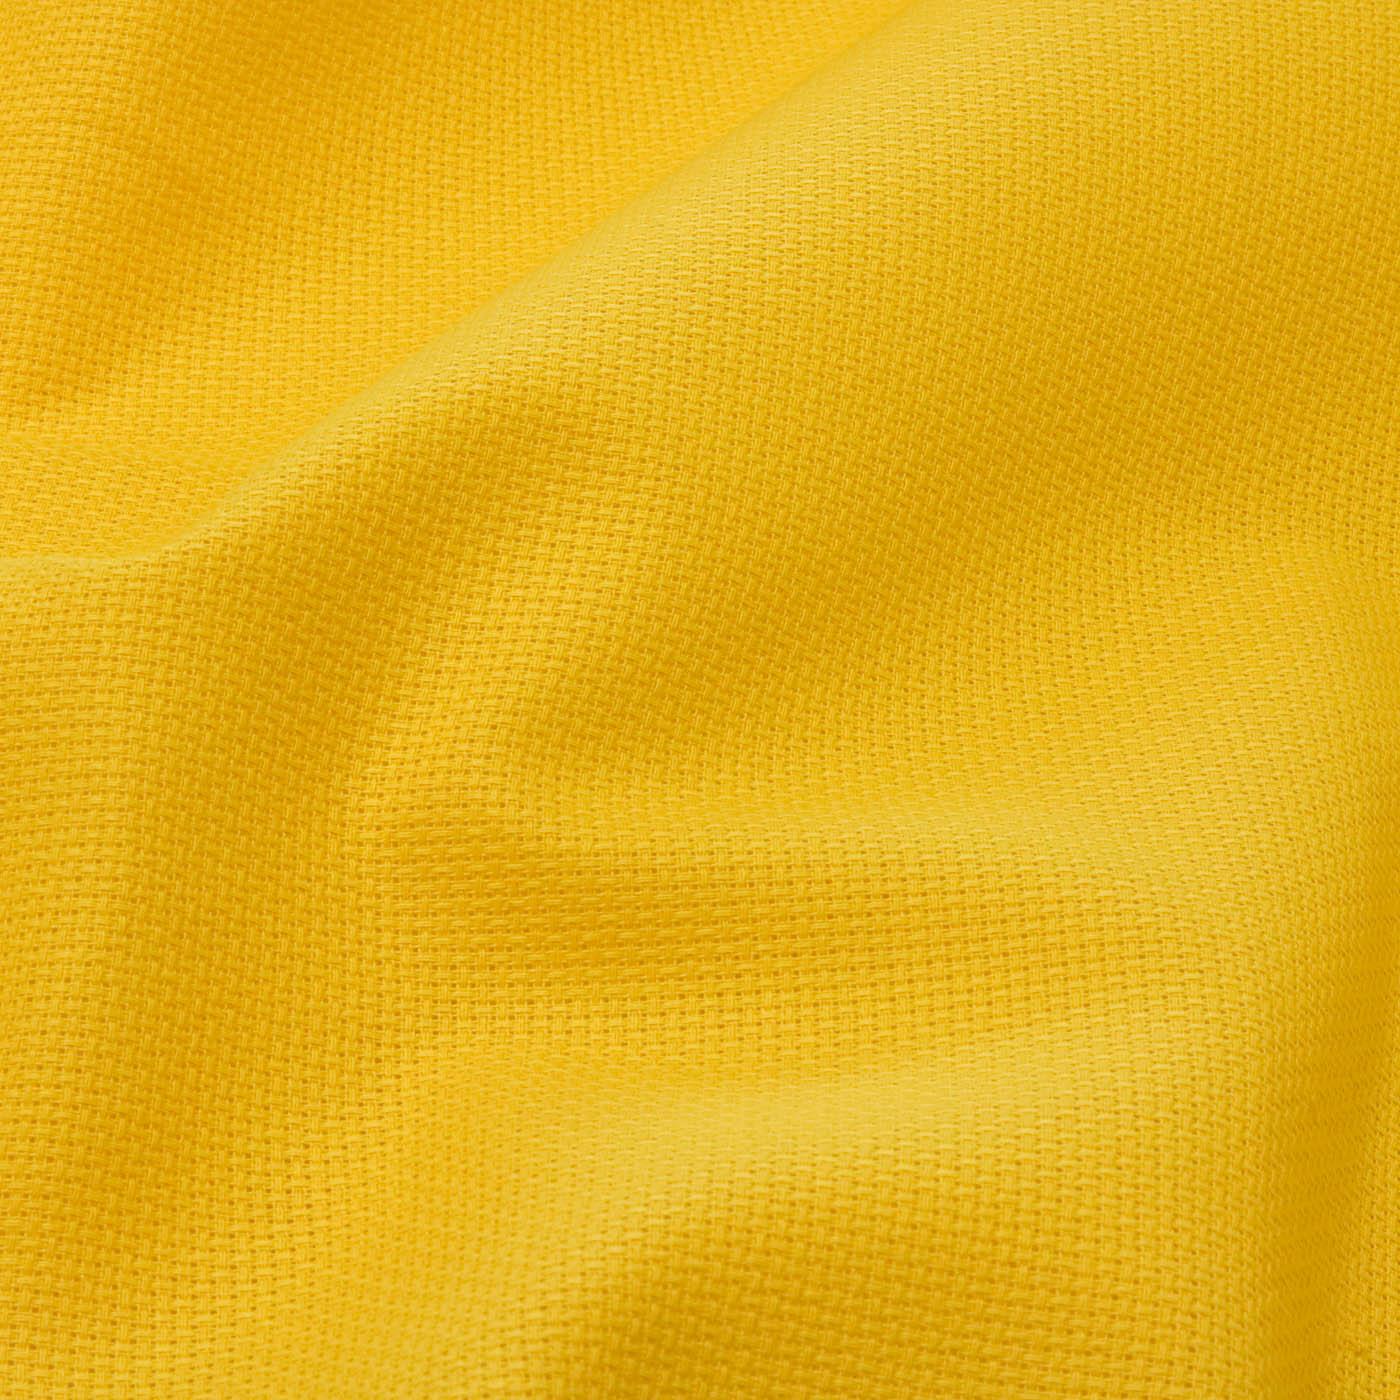 Tecido Etamine 100% Algodão 1,40 m Largura Amarelo Ouro